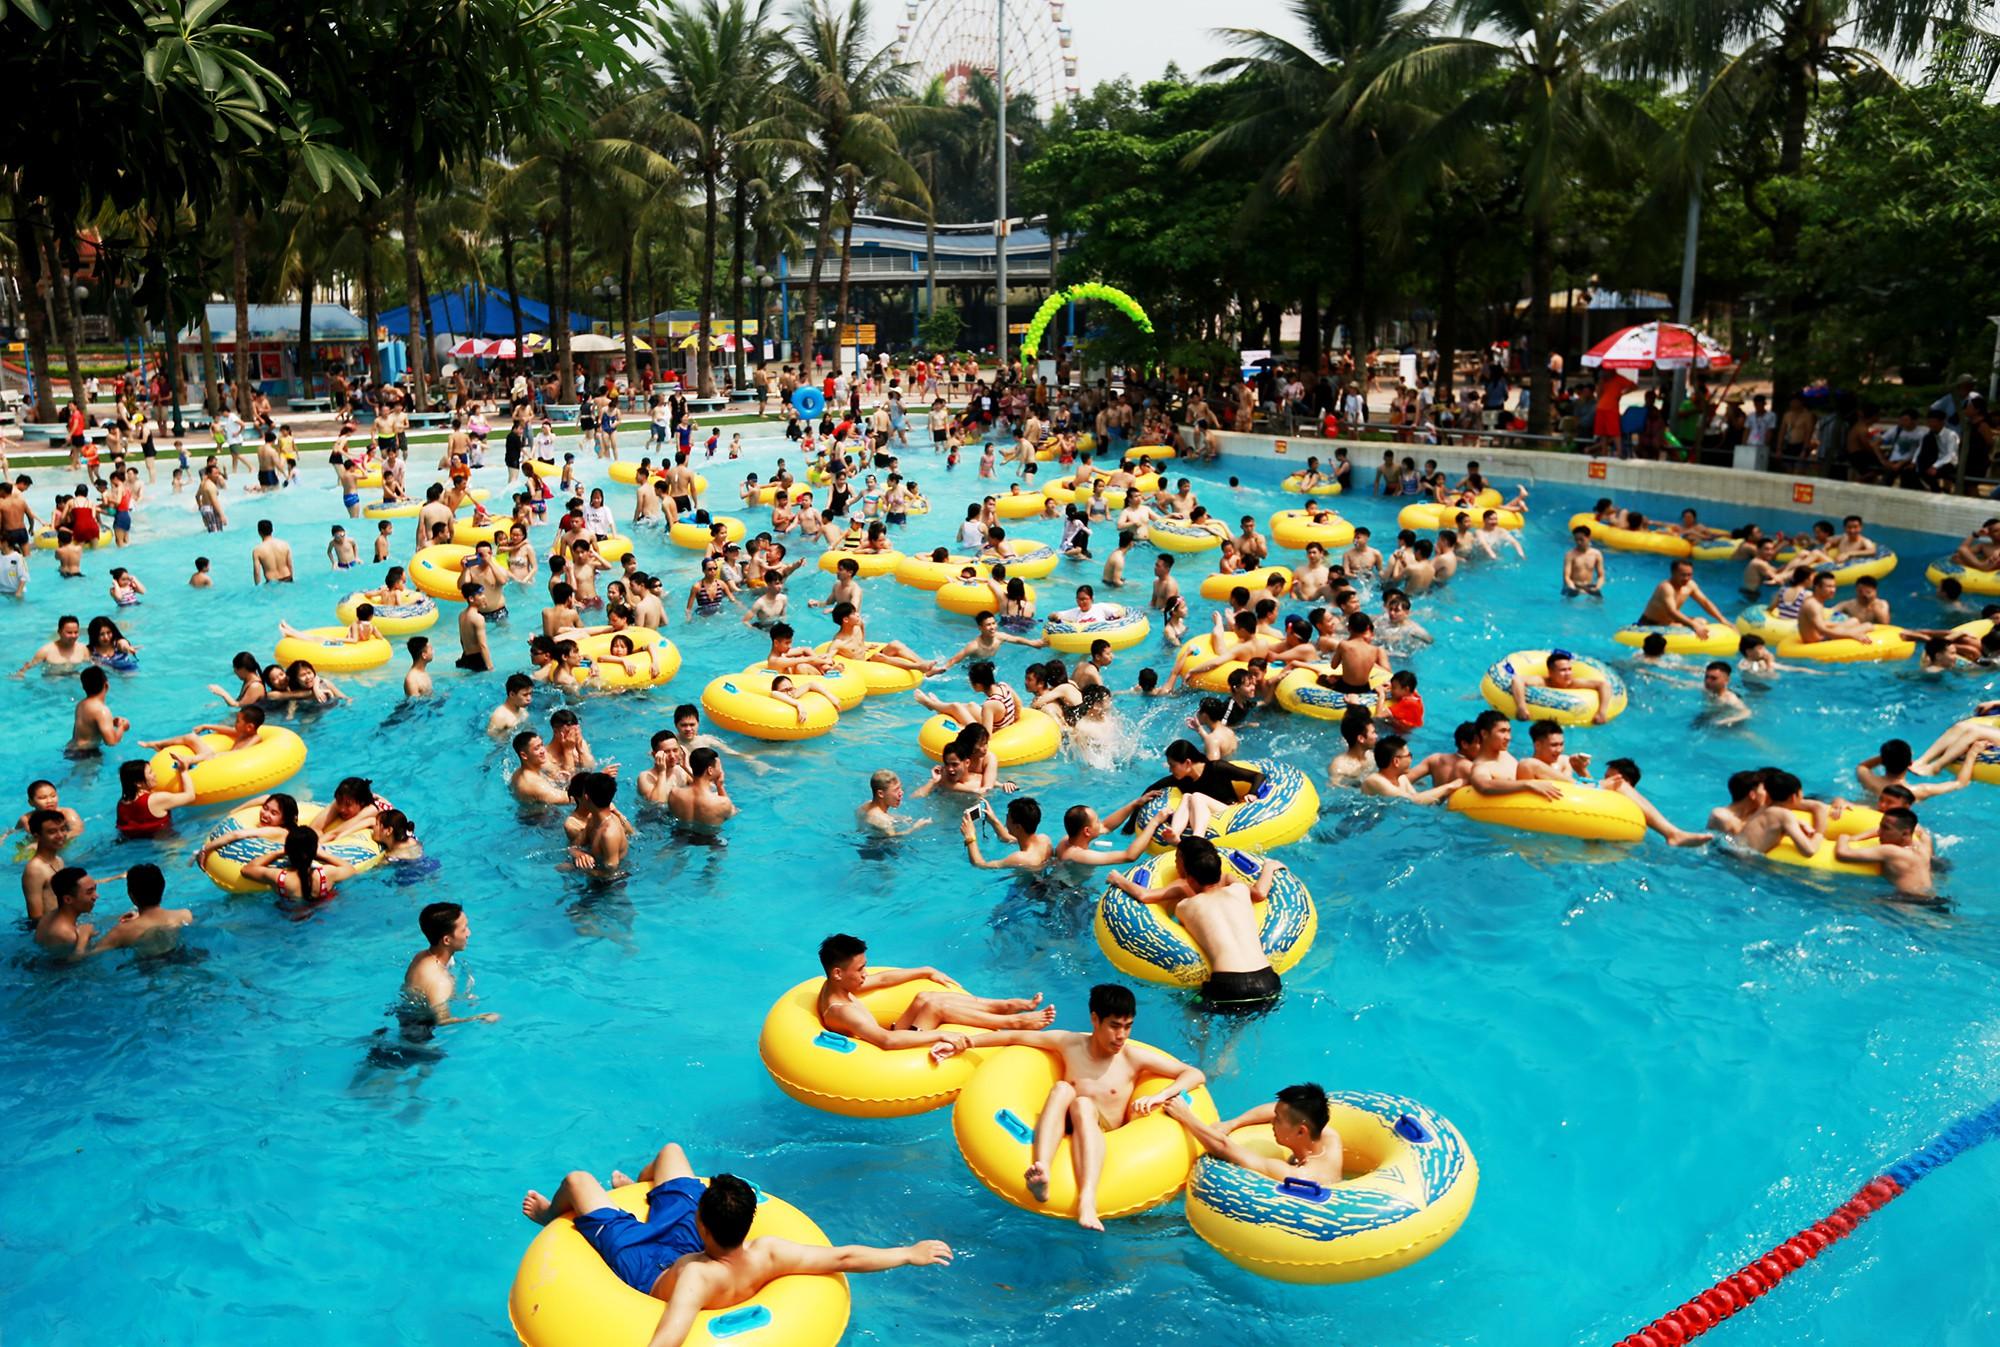 Hà Nội: Gần 1 vạn người đổ về công viên Hồ Tây ngày cuối tuần - Ảnh 9.